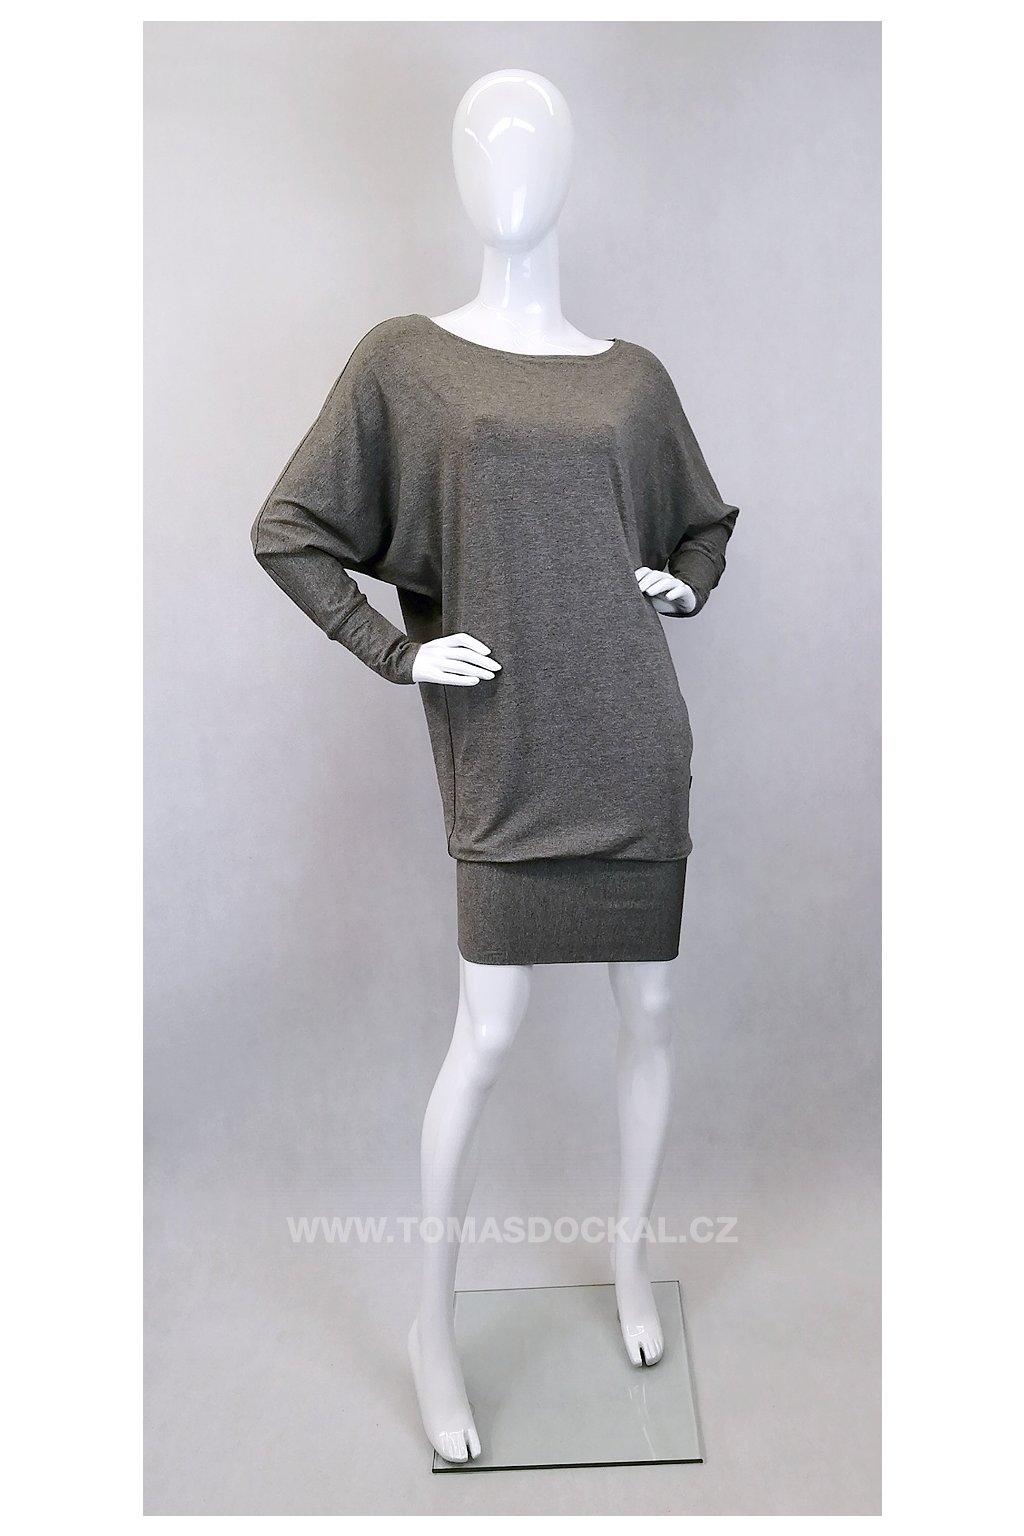 Šaty a tričko v jednom! UNI / šedé